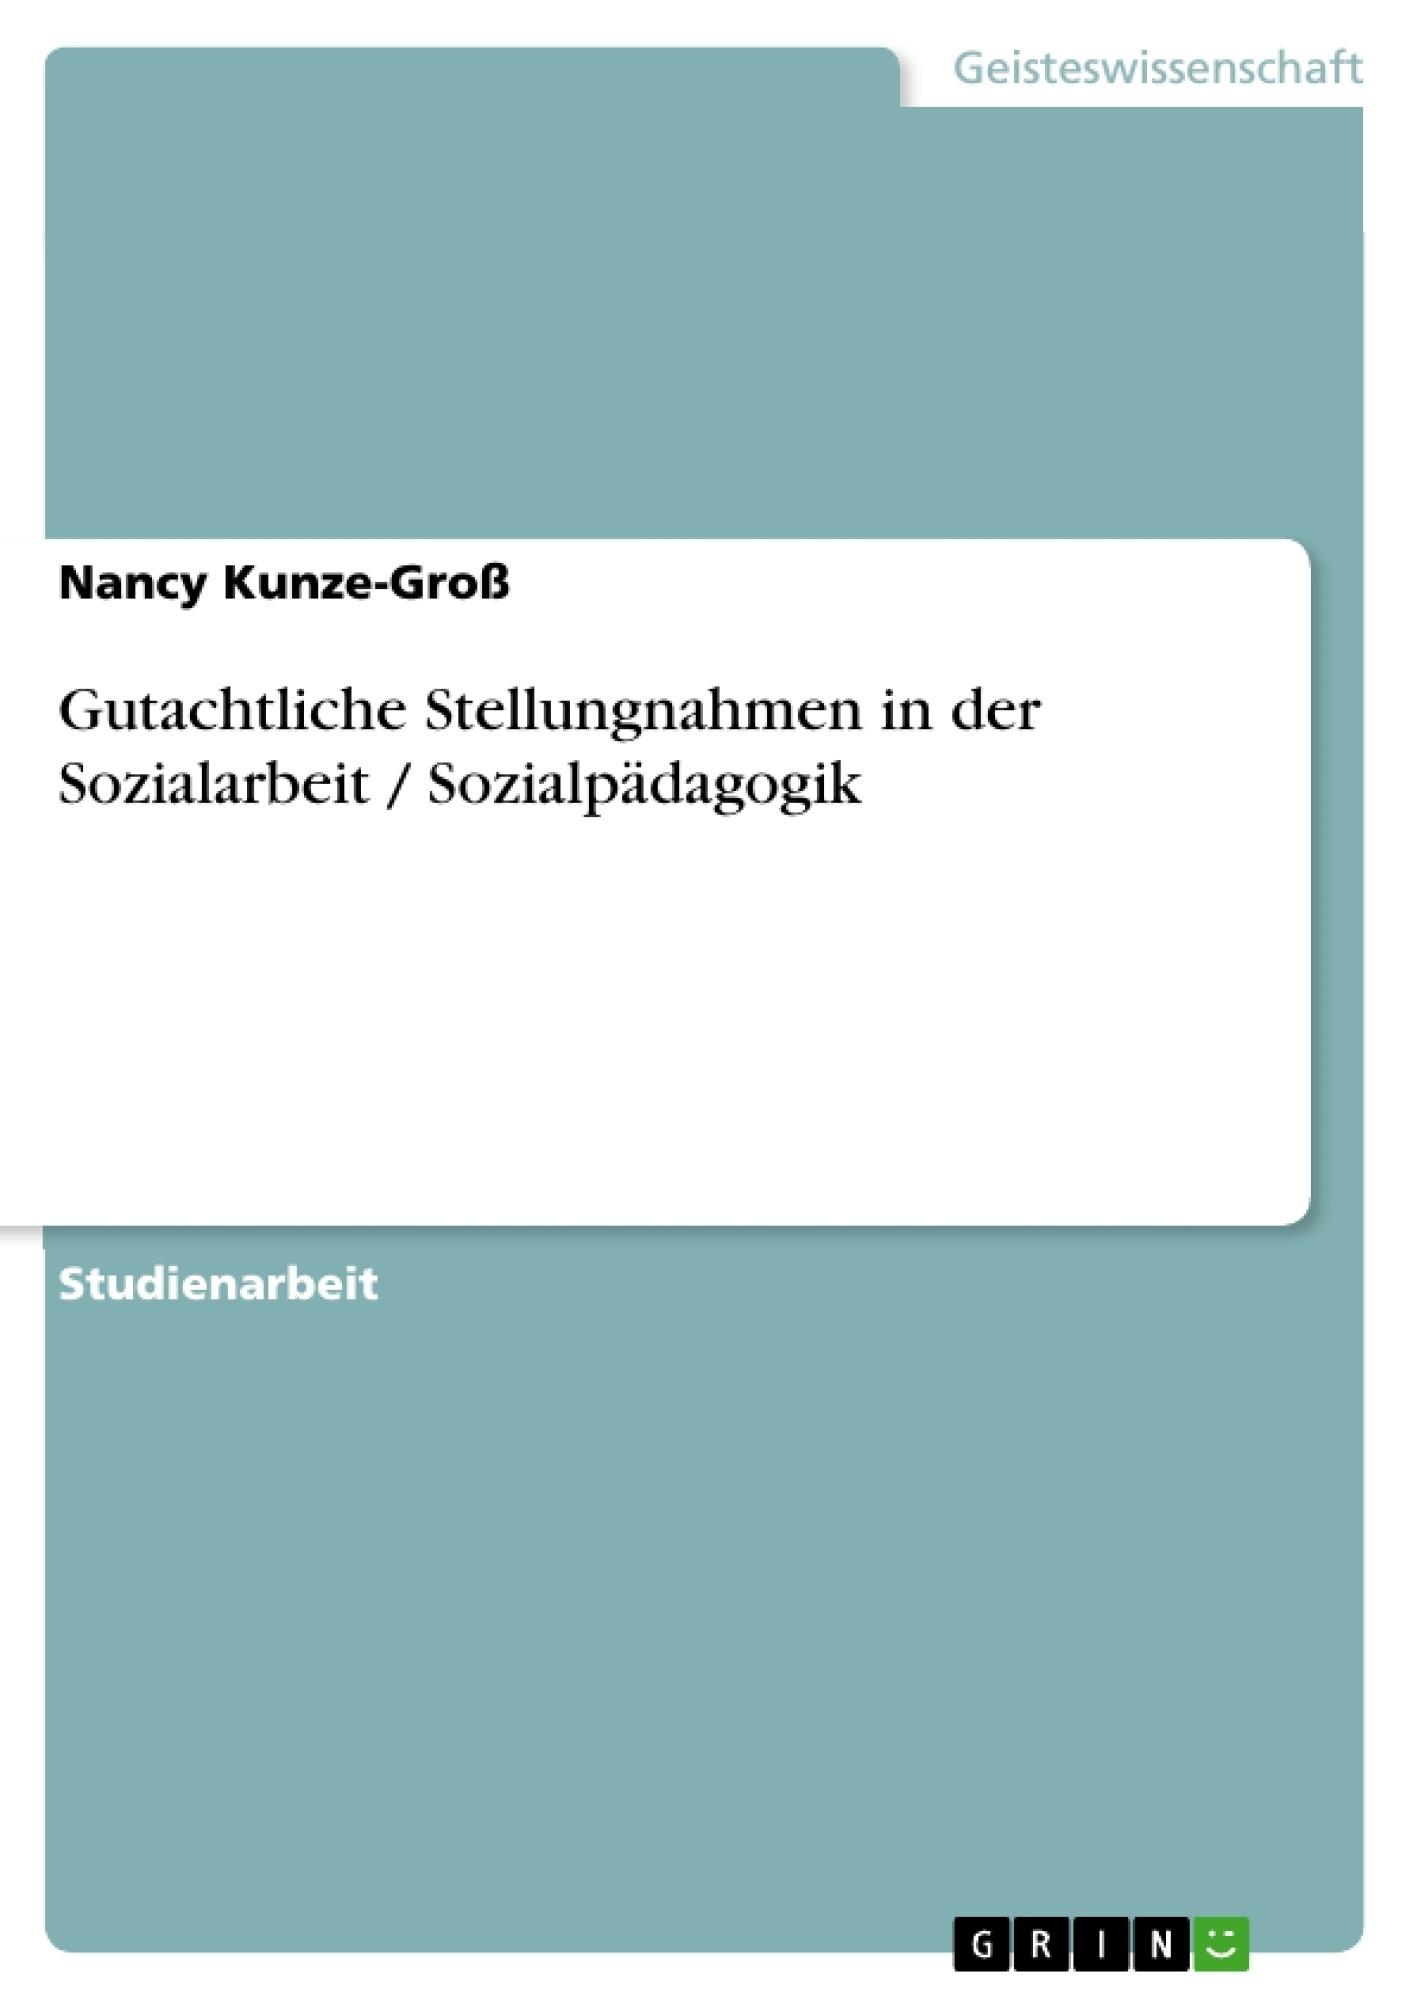 Titel: Gutachtliche Stellungnahmen in der Sozialarbeit / Sozialpädagogik